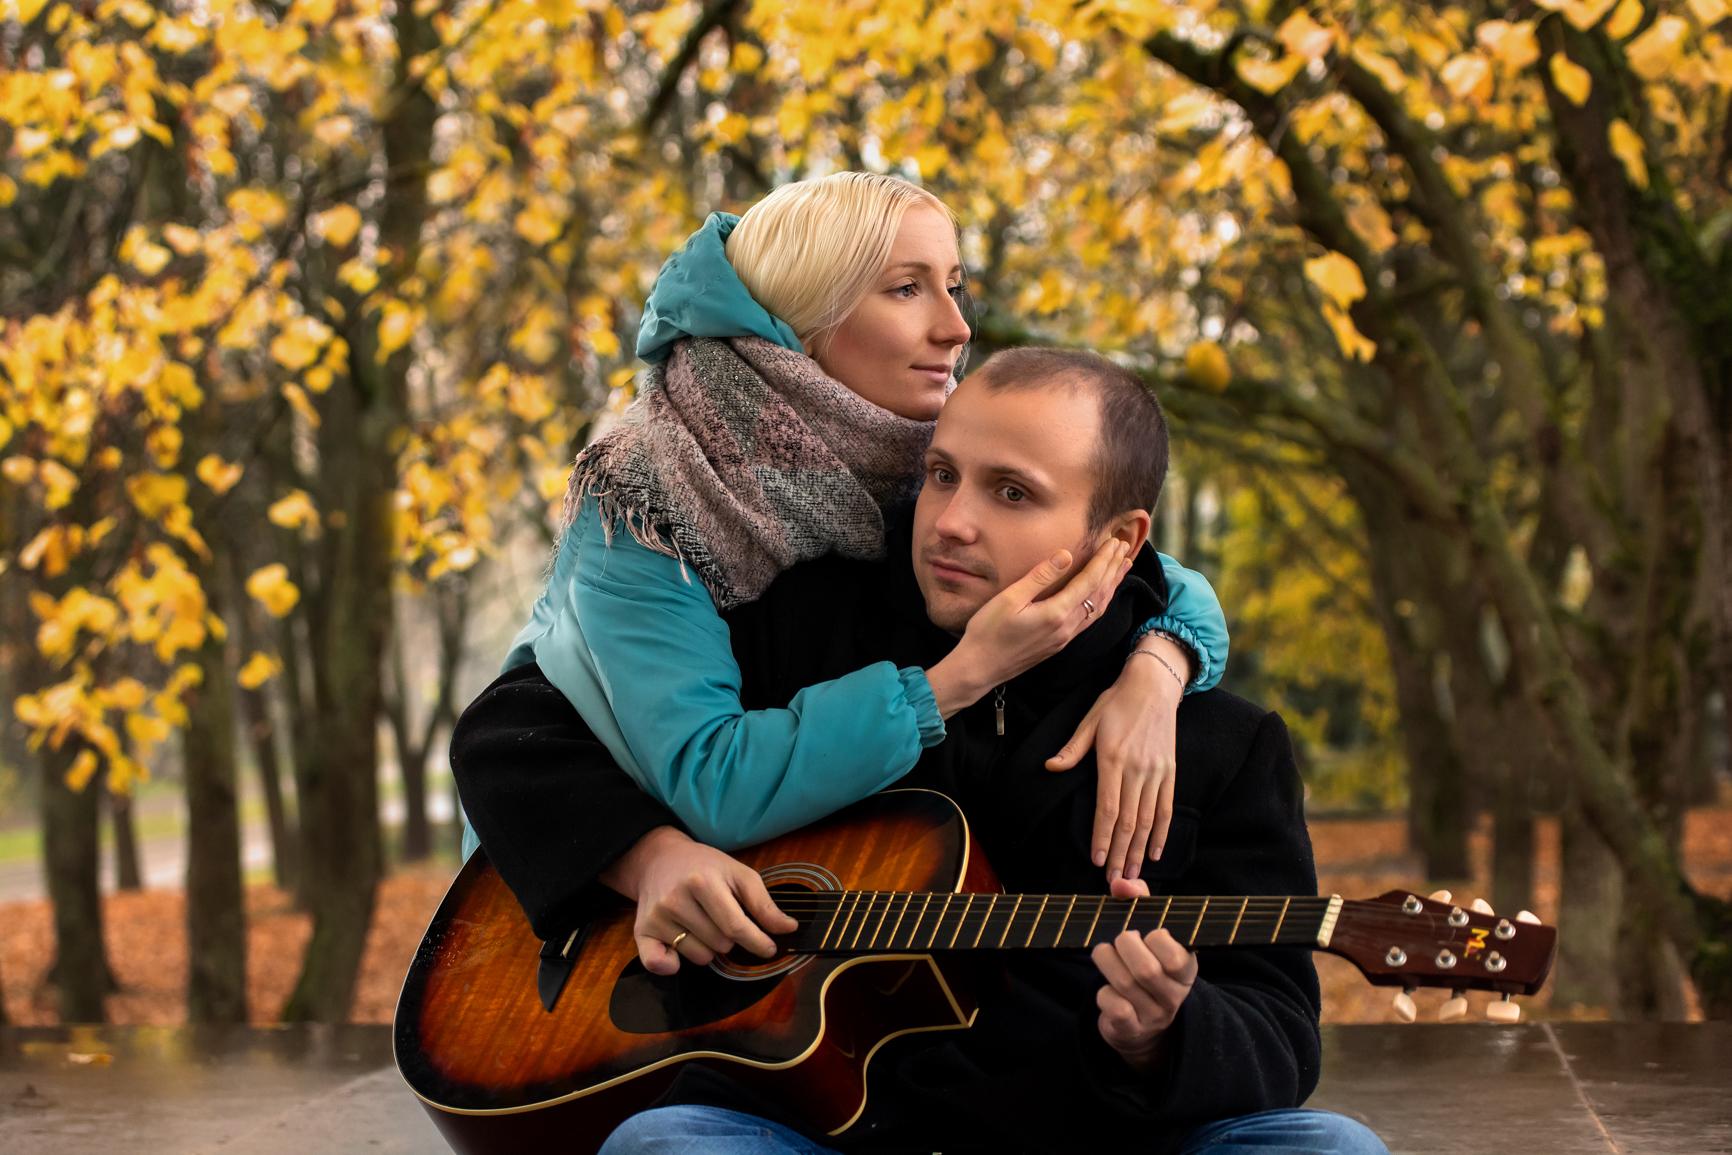 #фотосессия, #LoveStory, #фотограф, #семейный_фотограф, #фотосессия_в_парке, #фотограф_минск, #осень